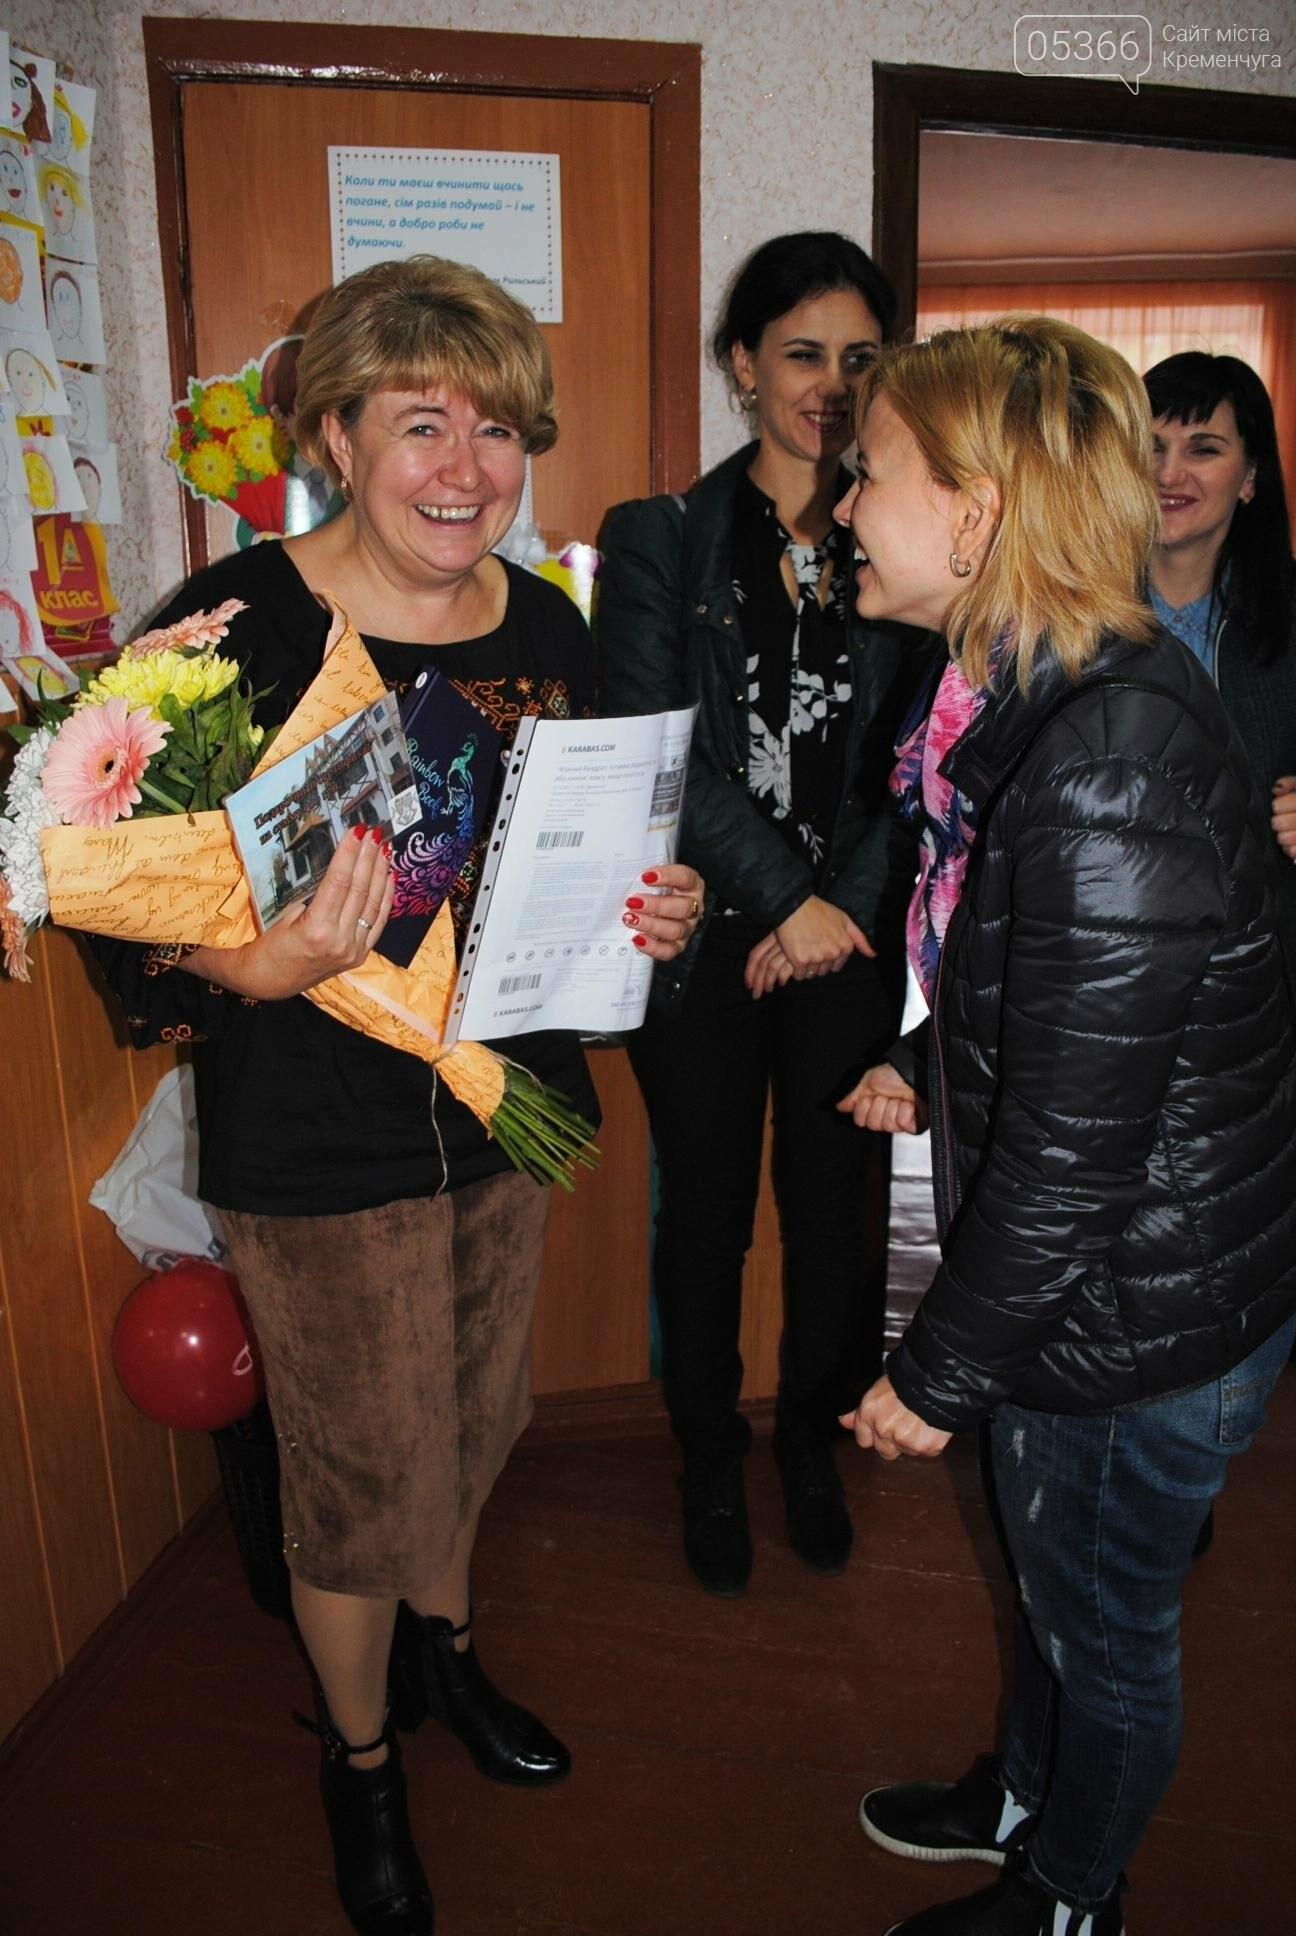 Лучший подарок для учителя - признание и любовь учеников (ФОТО), фото-13